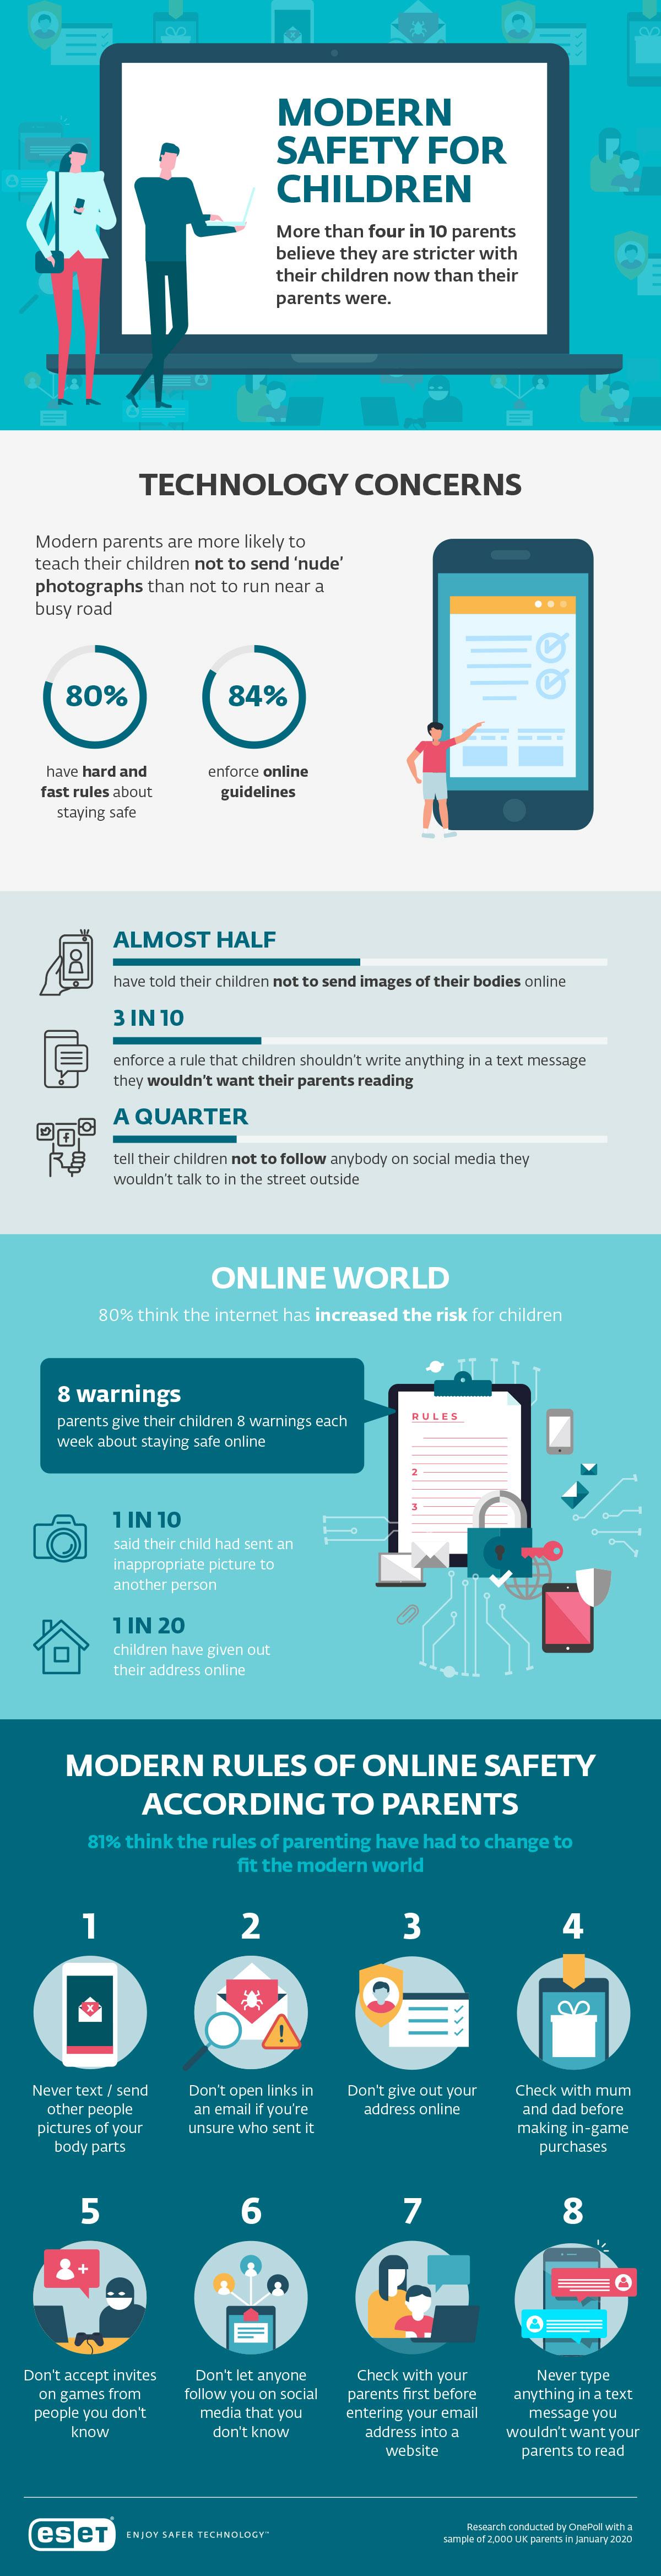 modern parenting. Keeping kids safe online